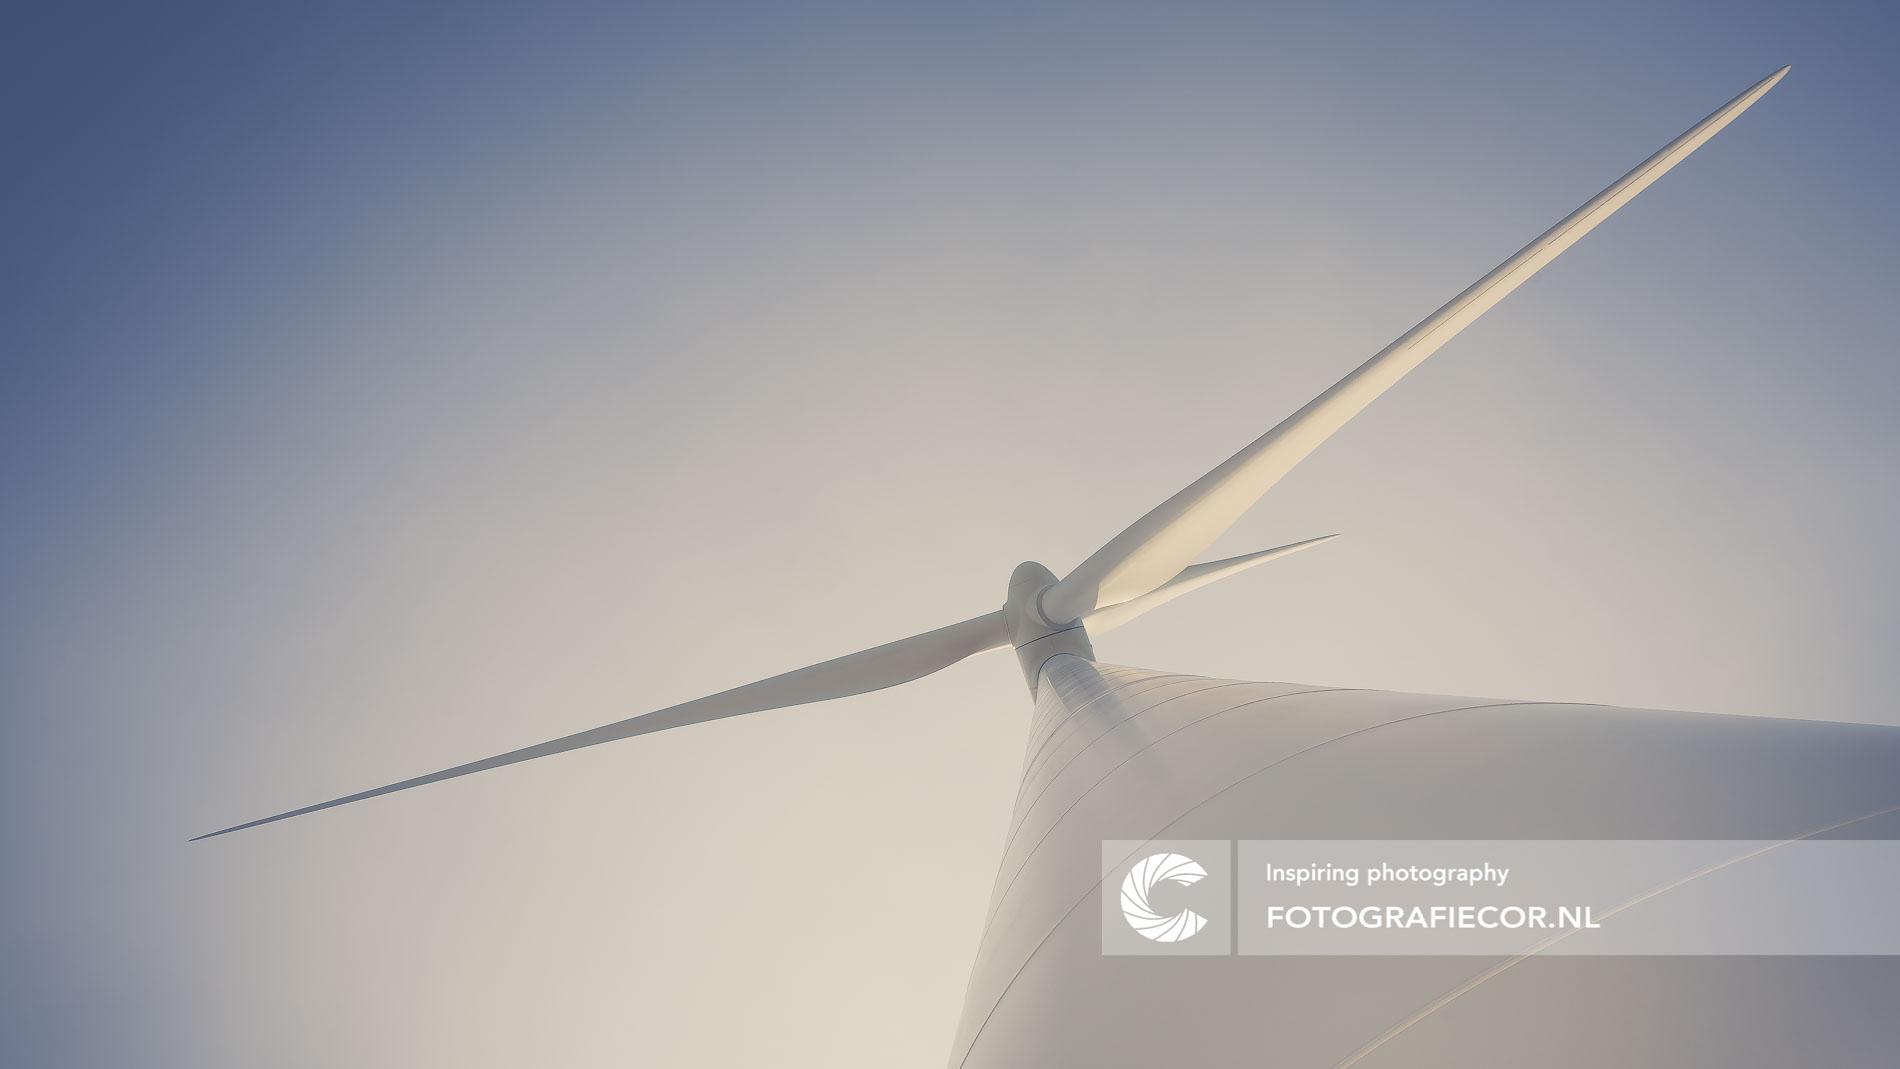 Windmolen elektrische energie productie | architectuurfotograaf